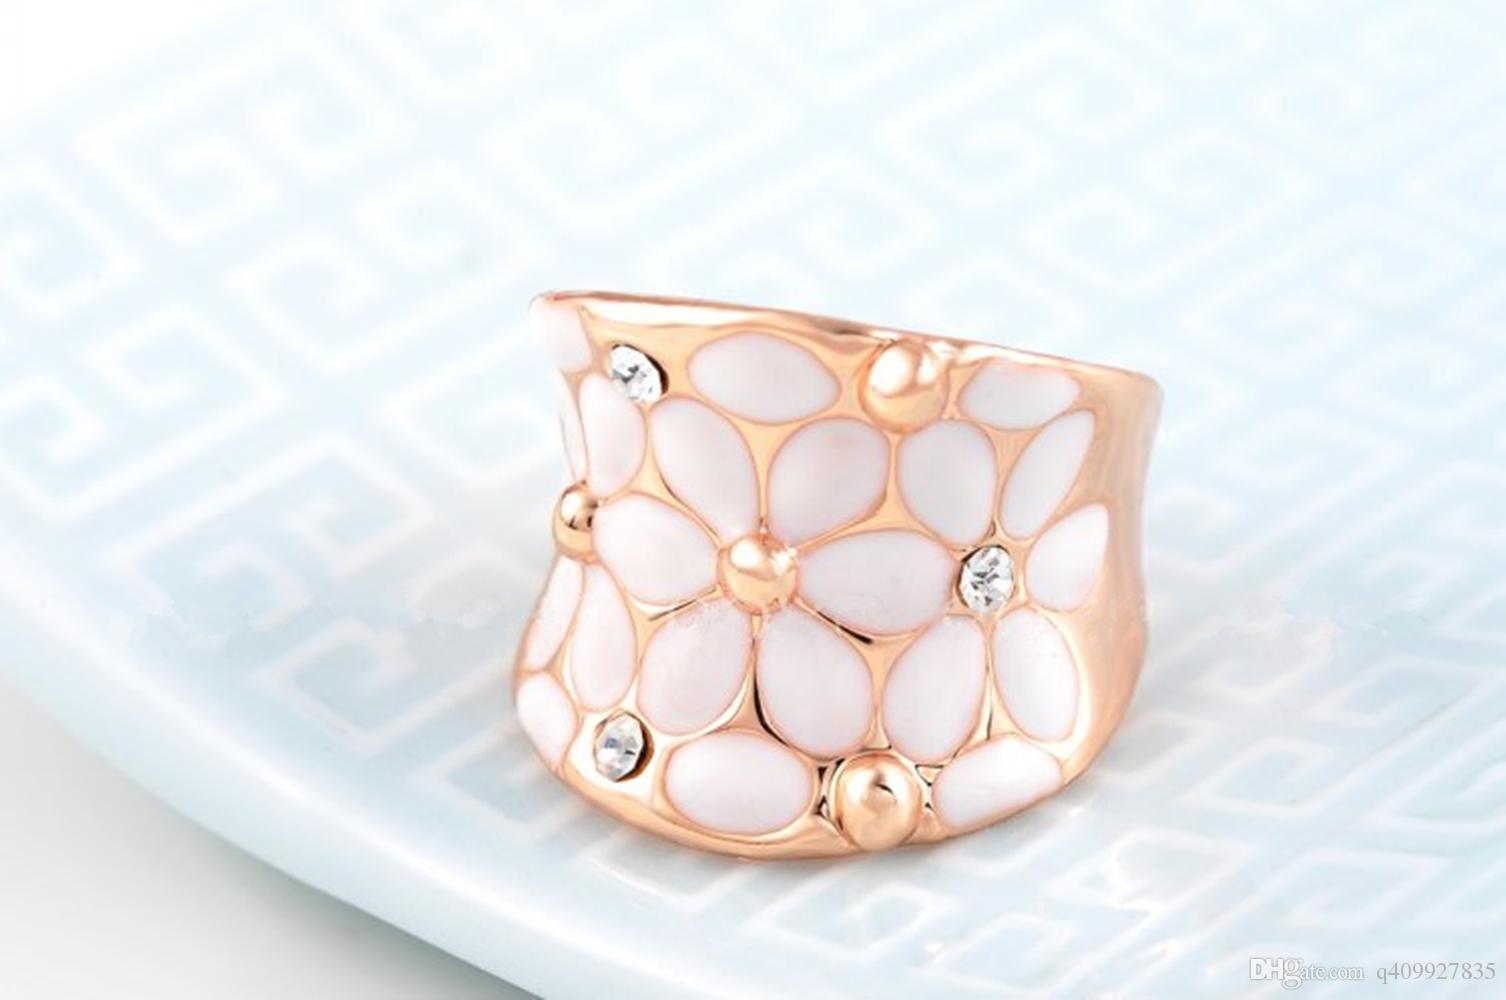 Fashion design Womens elegante bianco smalto fiore rosa placcato oro fascia fiore petalo anello intarsio di cristallo